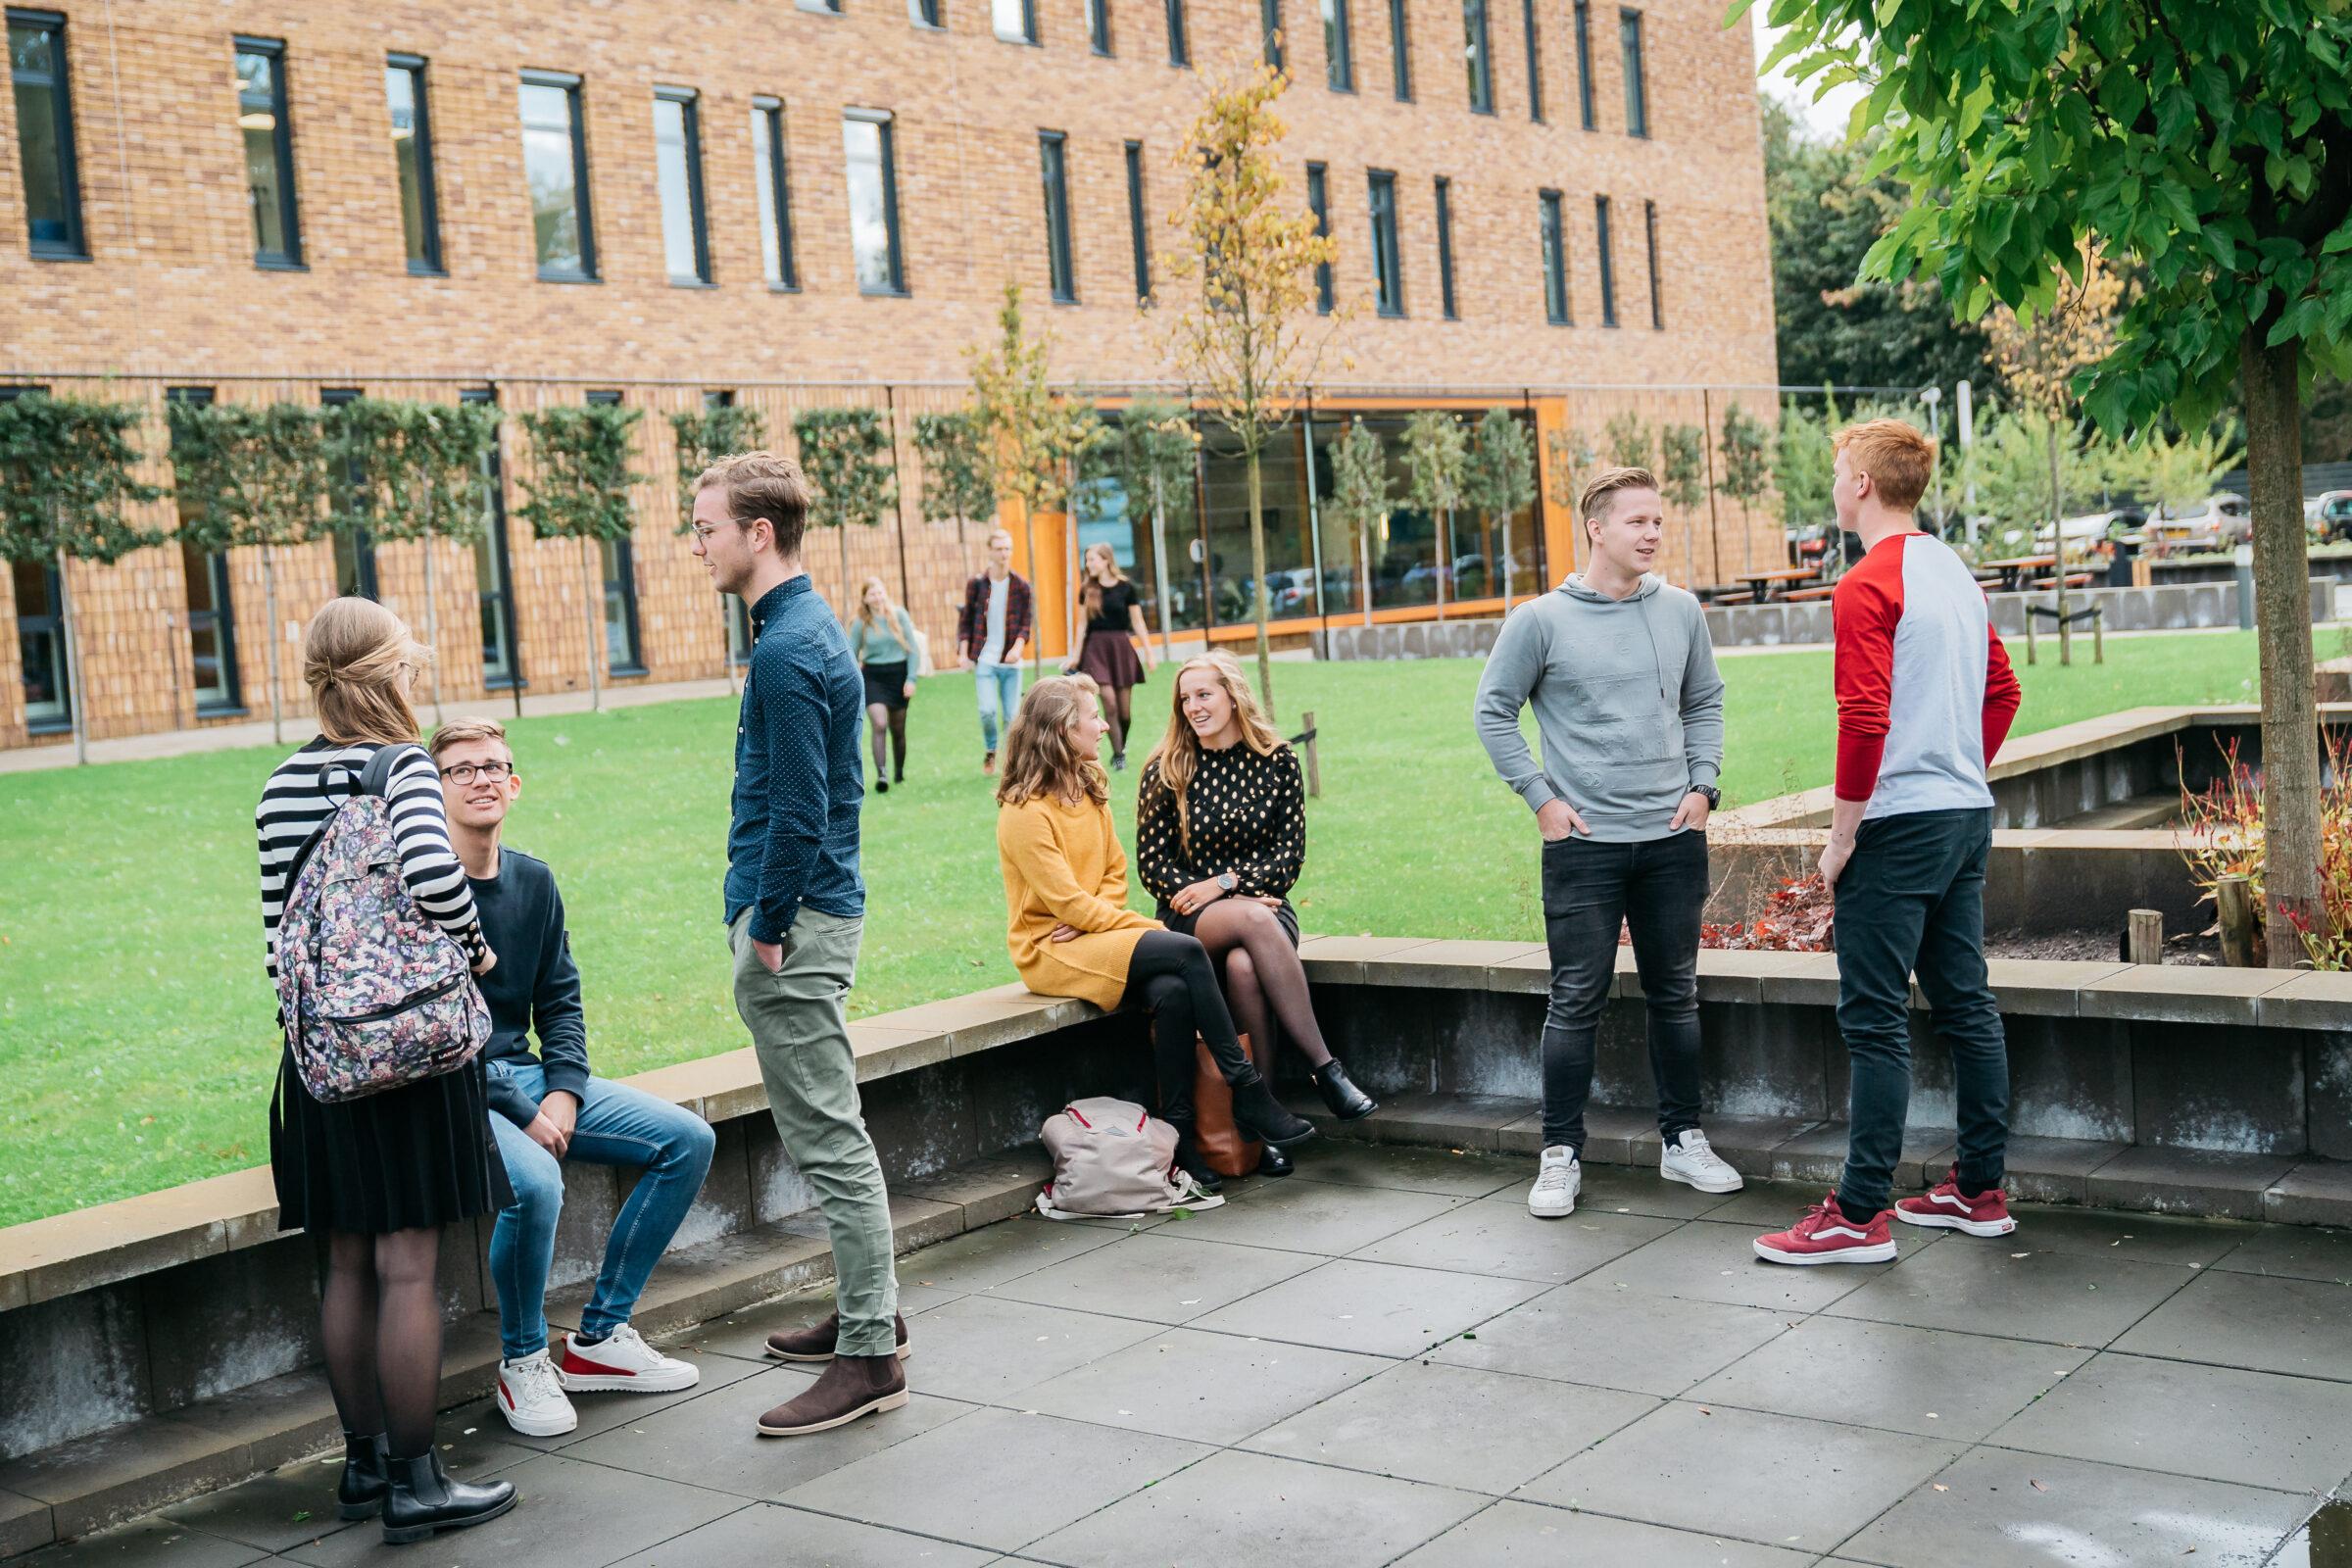 beeld groepje studenten buiten